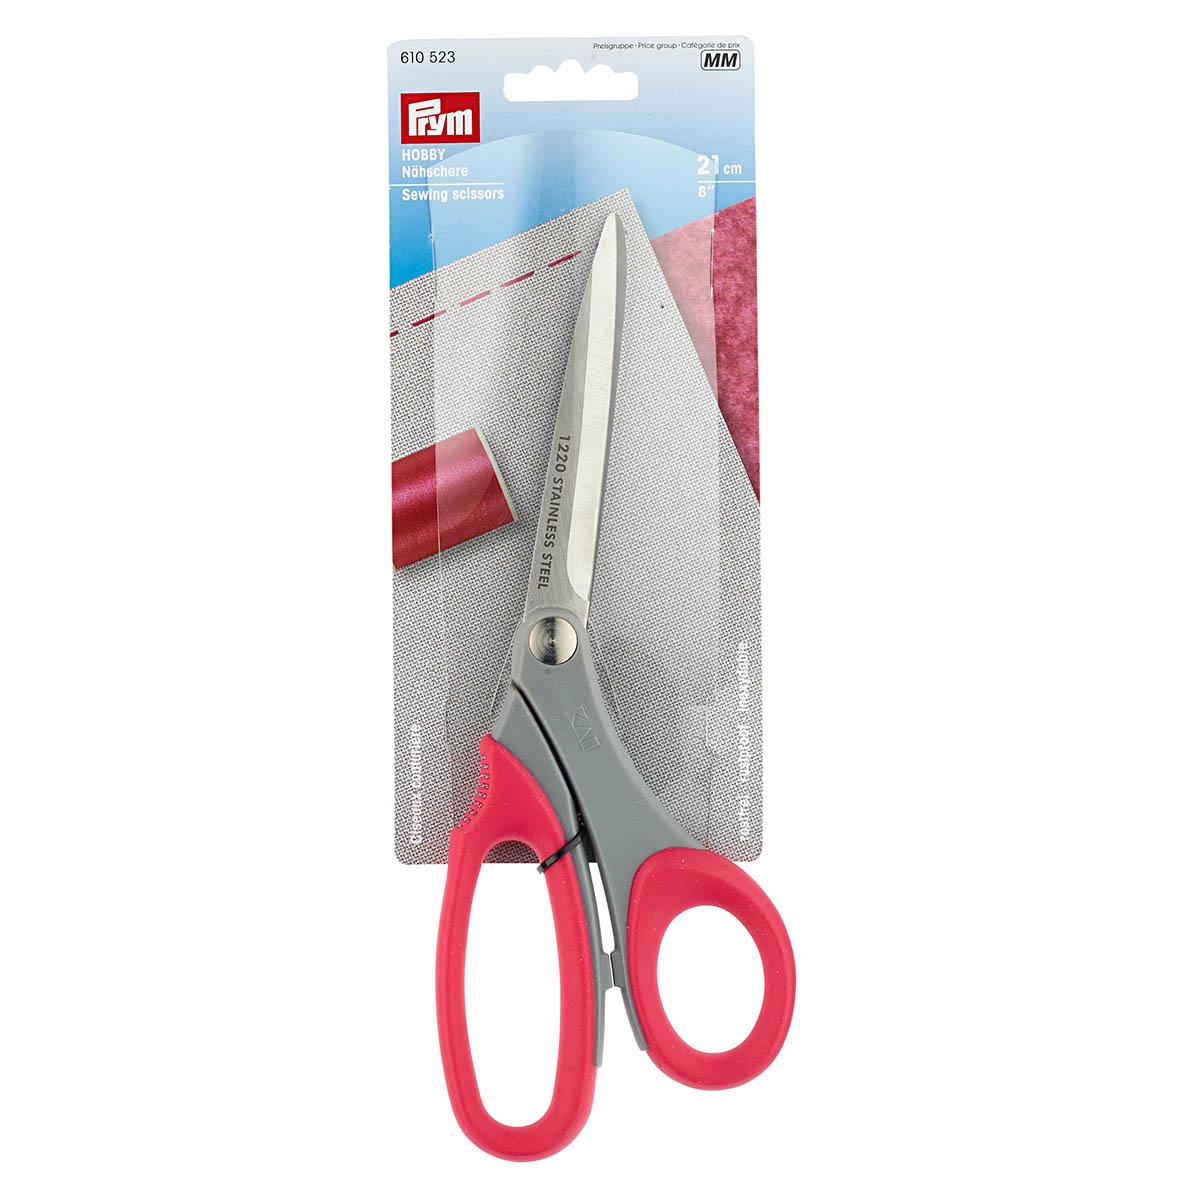 610523 Hobby Ножницы для шитья, пластм. ручки с мягкими кольцами, 21 см, Prym